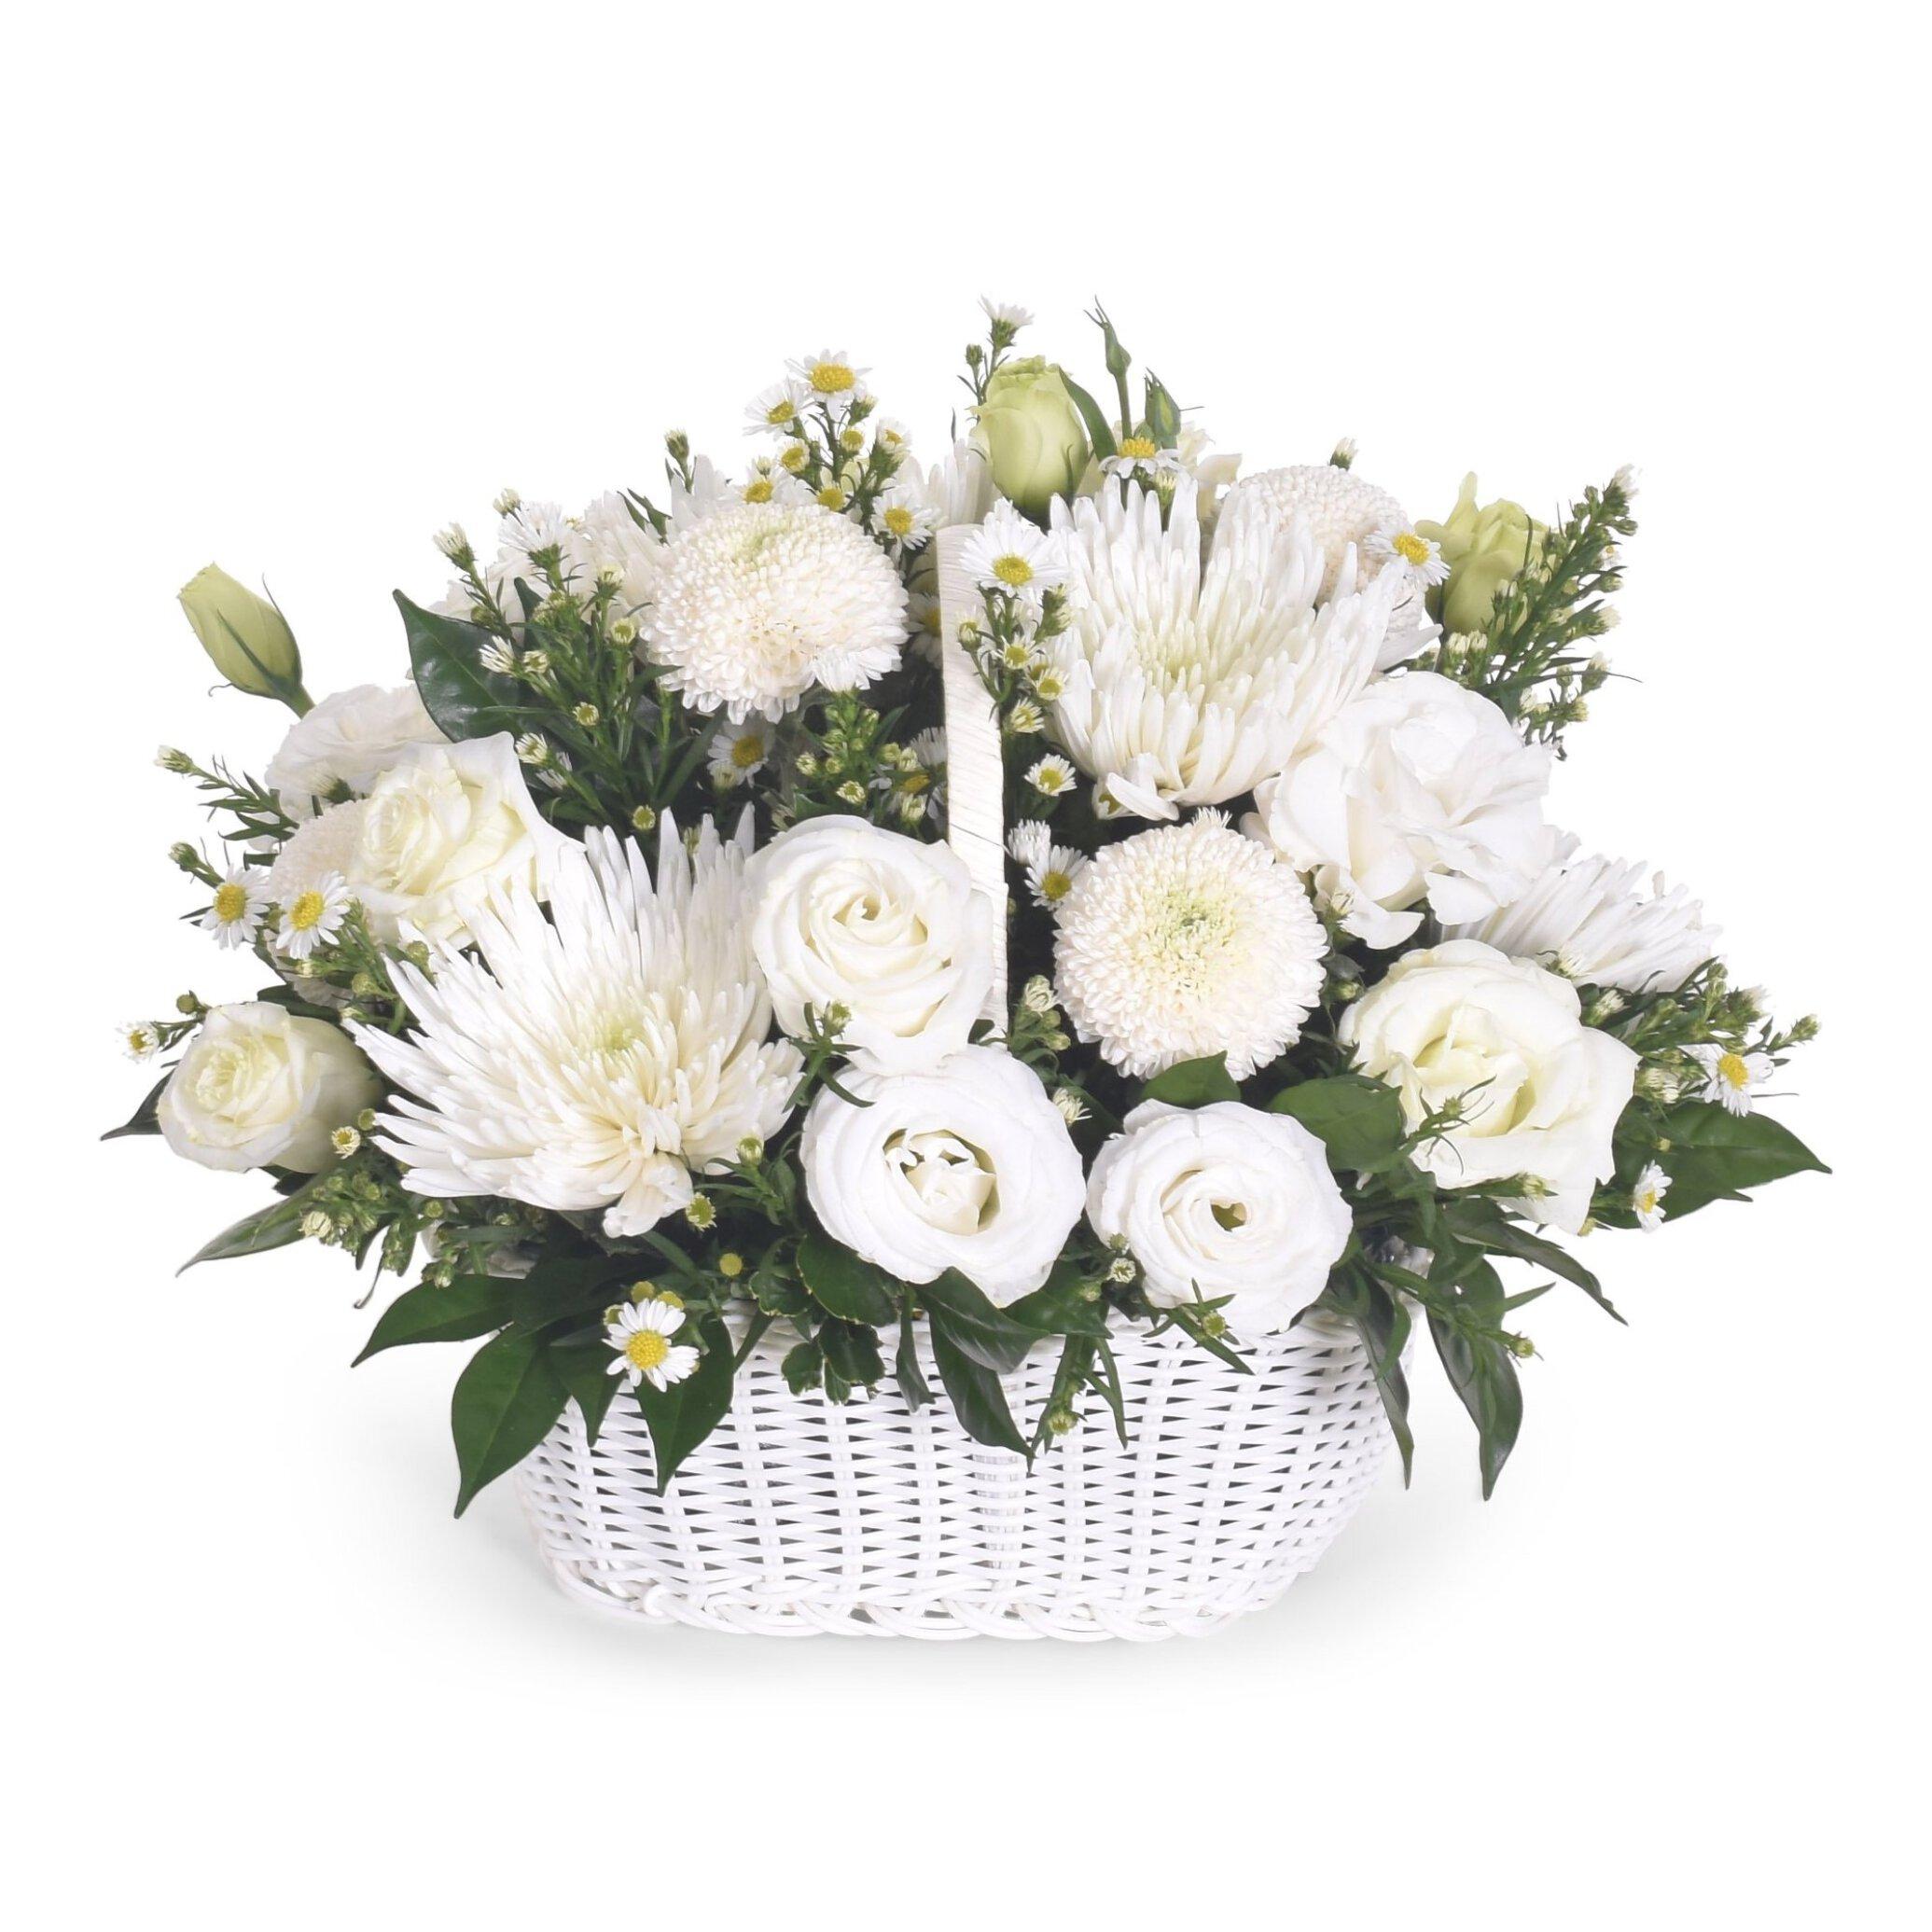 خرید و قیمت سبد گل زنهار سفارش سبد گل ترحیم قیمت سبد گل ترحیم سبد گل ارزان گل ایرانی